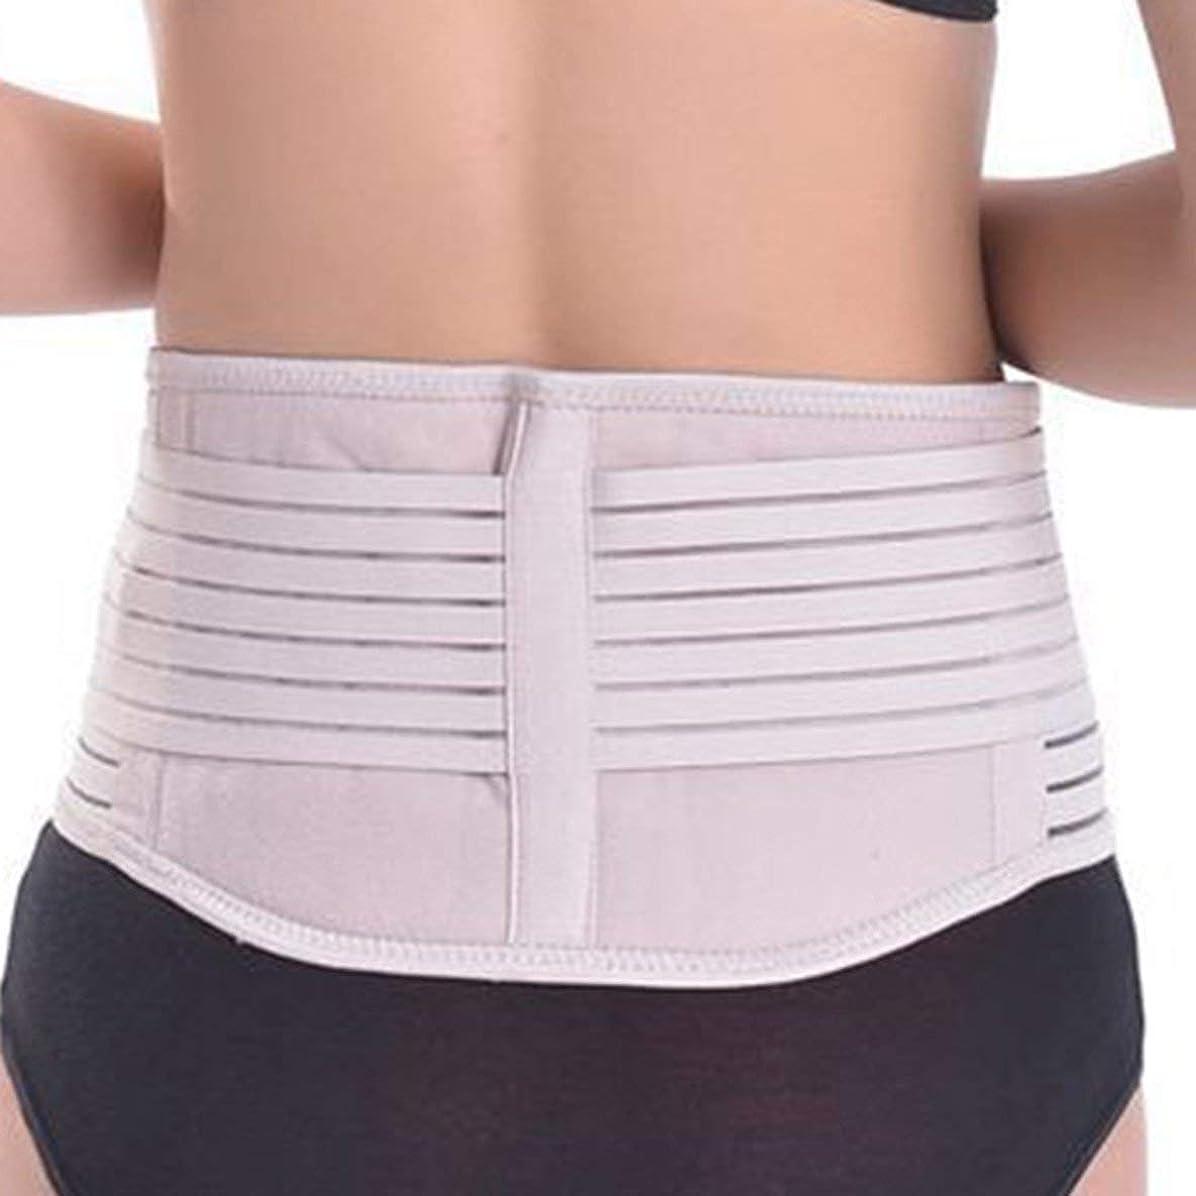 境界横たわるキルスダブルプルランバー調節可能なサポート腰ベルトブレース痛みリリーフスポーツ保護磁気